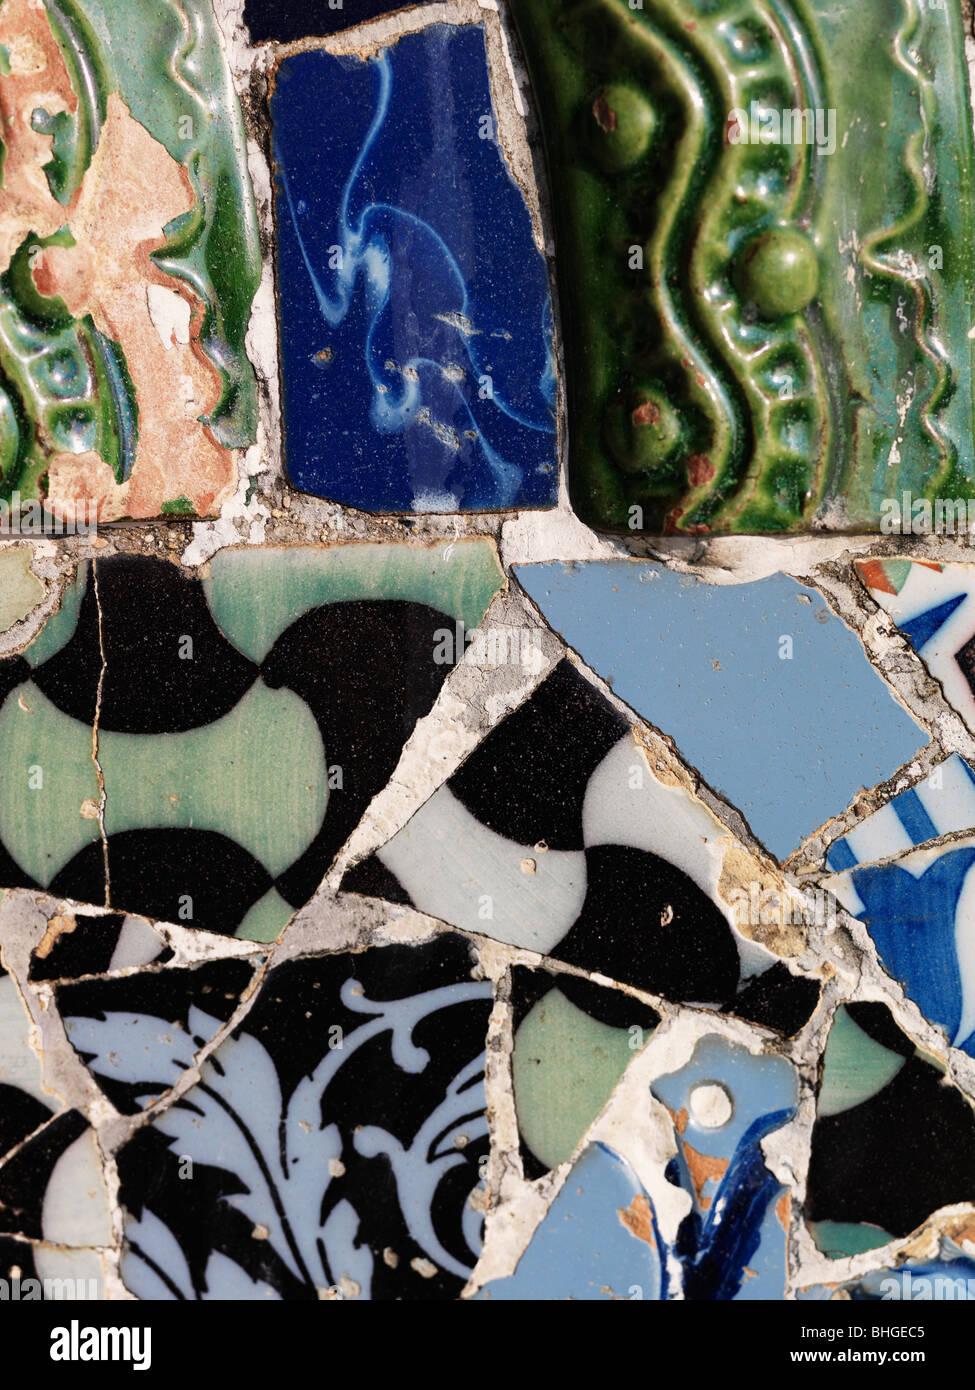 Mosaic of broken glazed tiles, Spain. - Stock Image